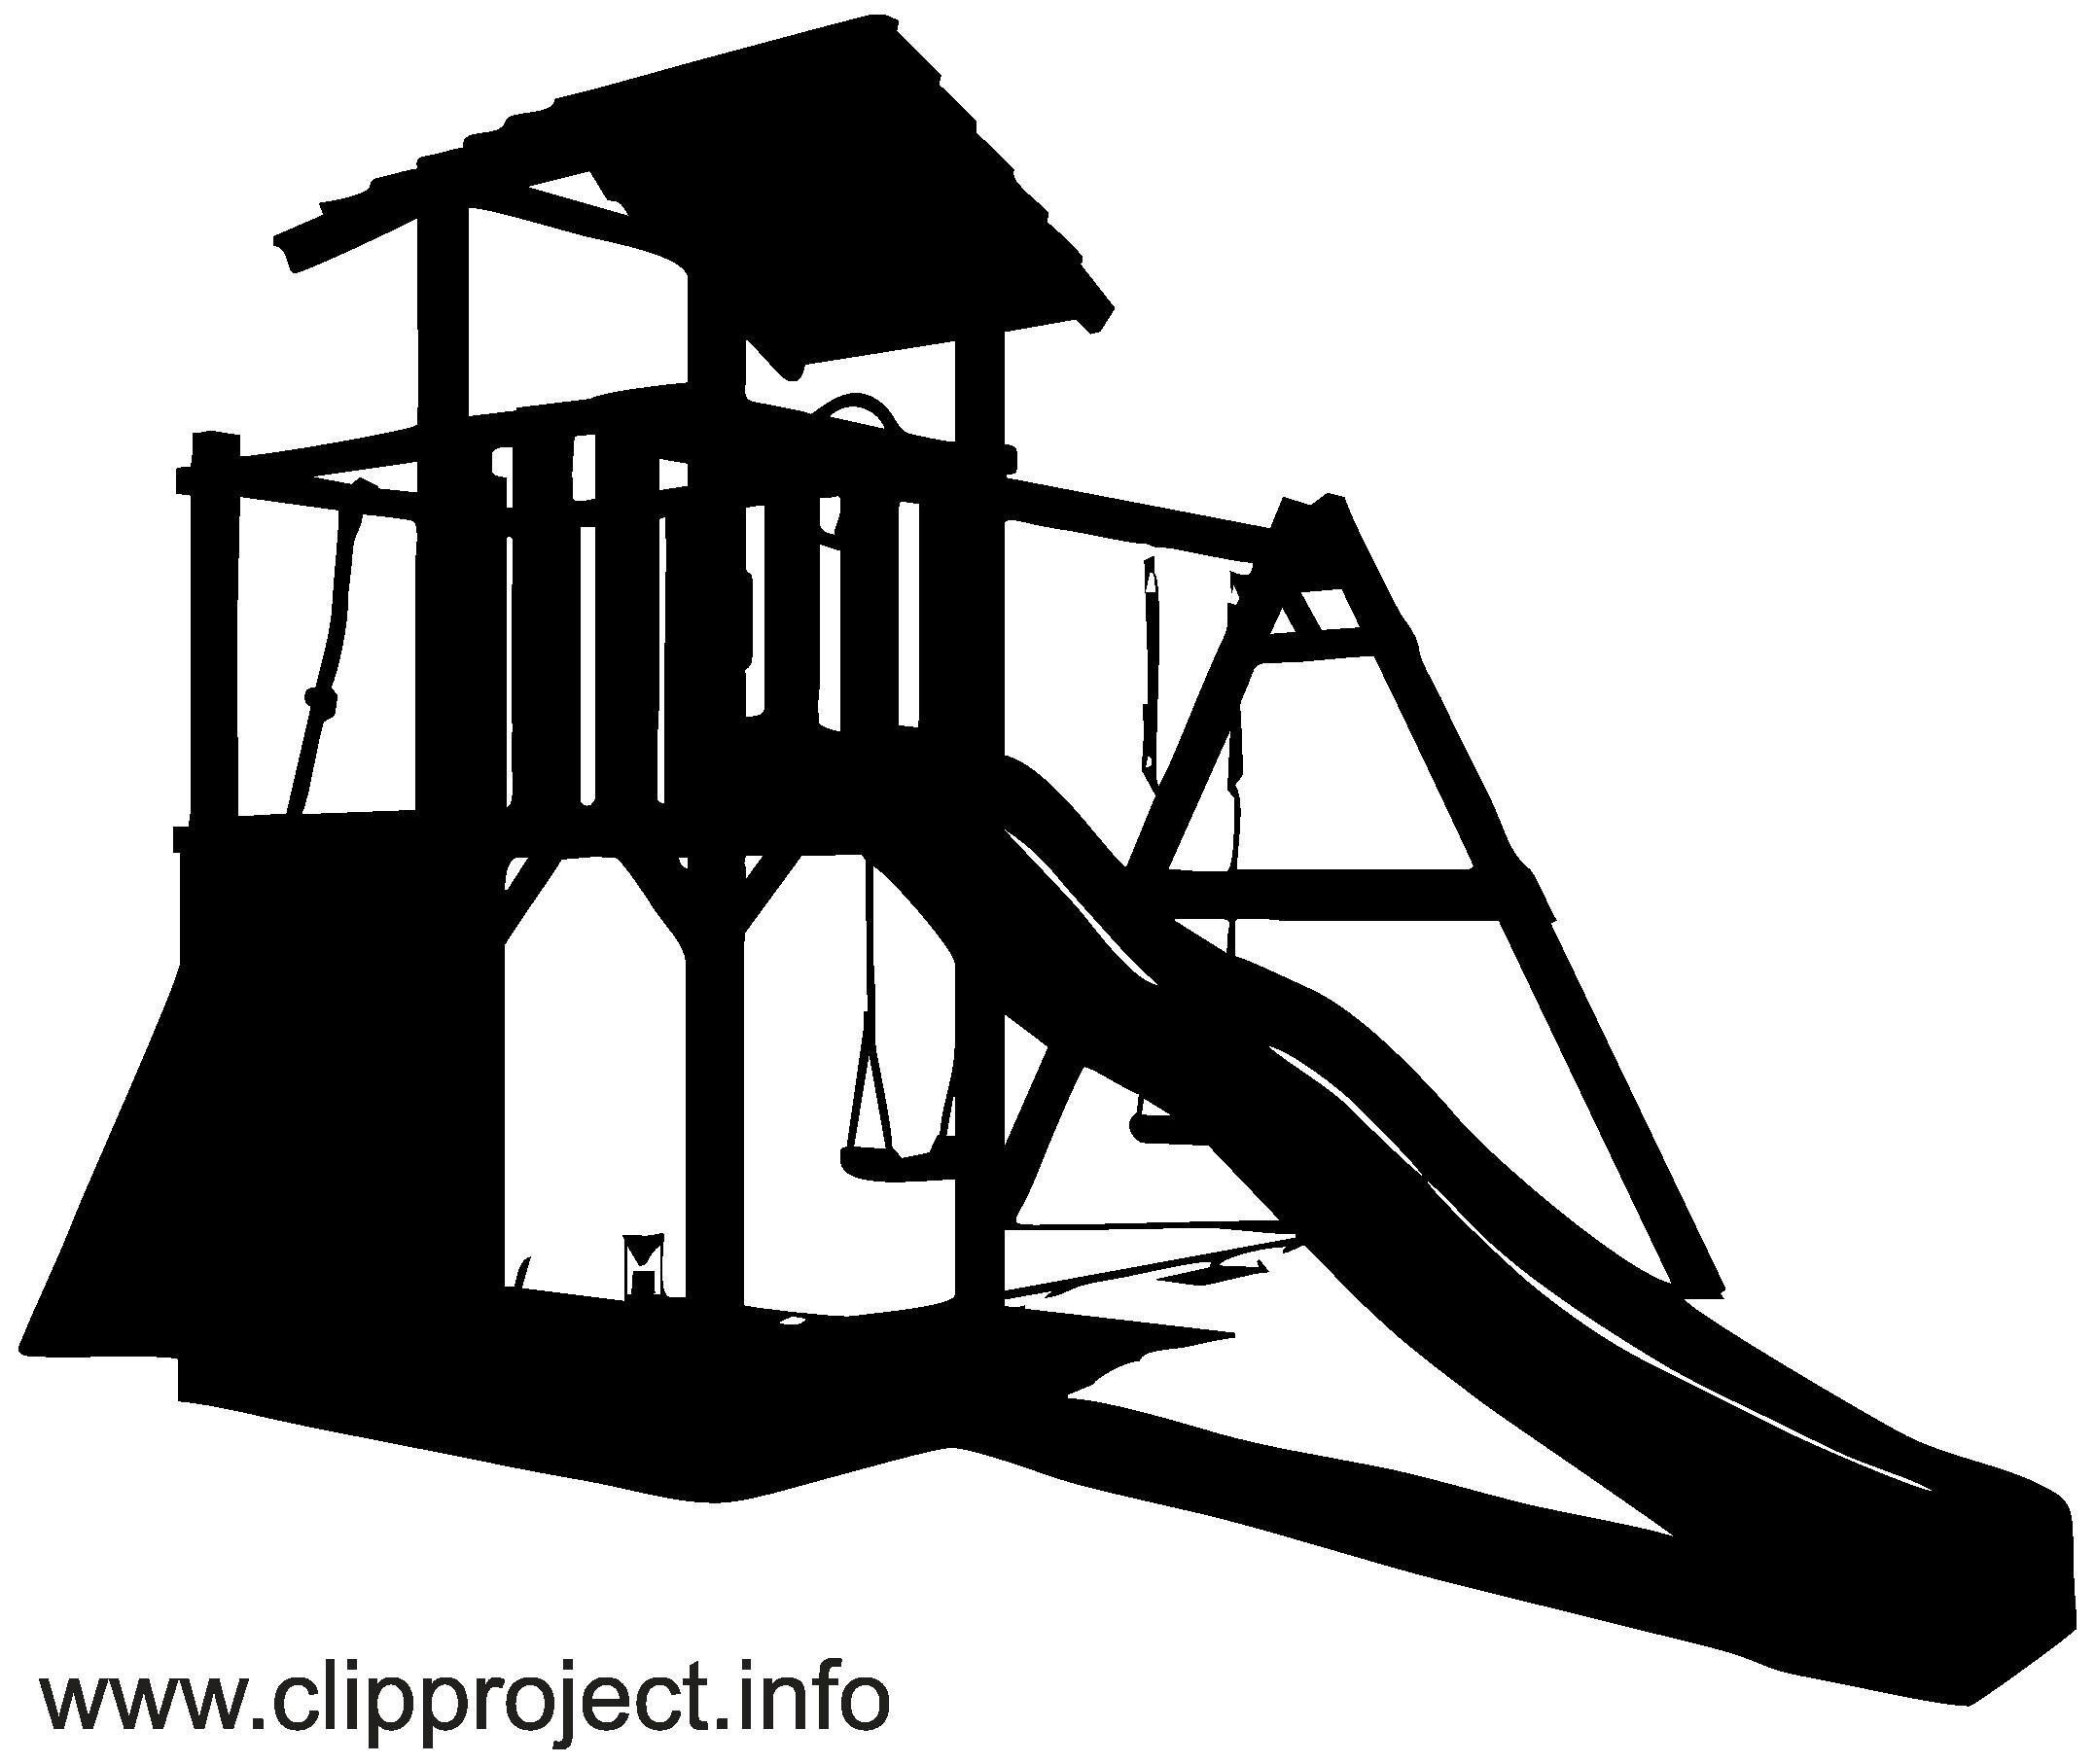 aire de jeux clip art gratuit - noir et blanc dessin